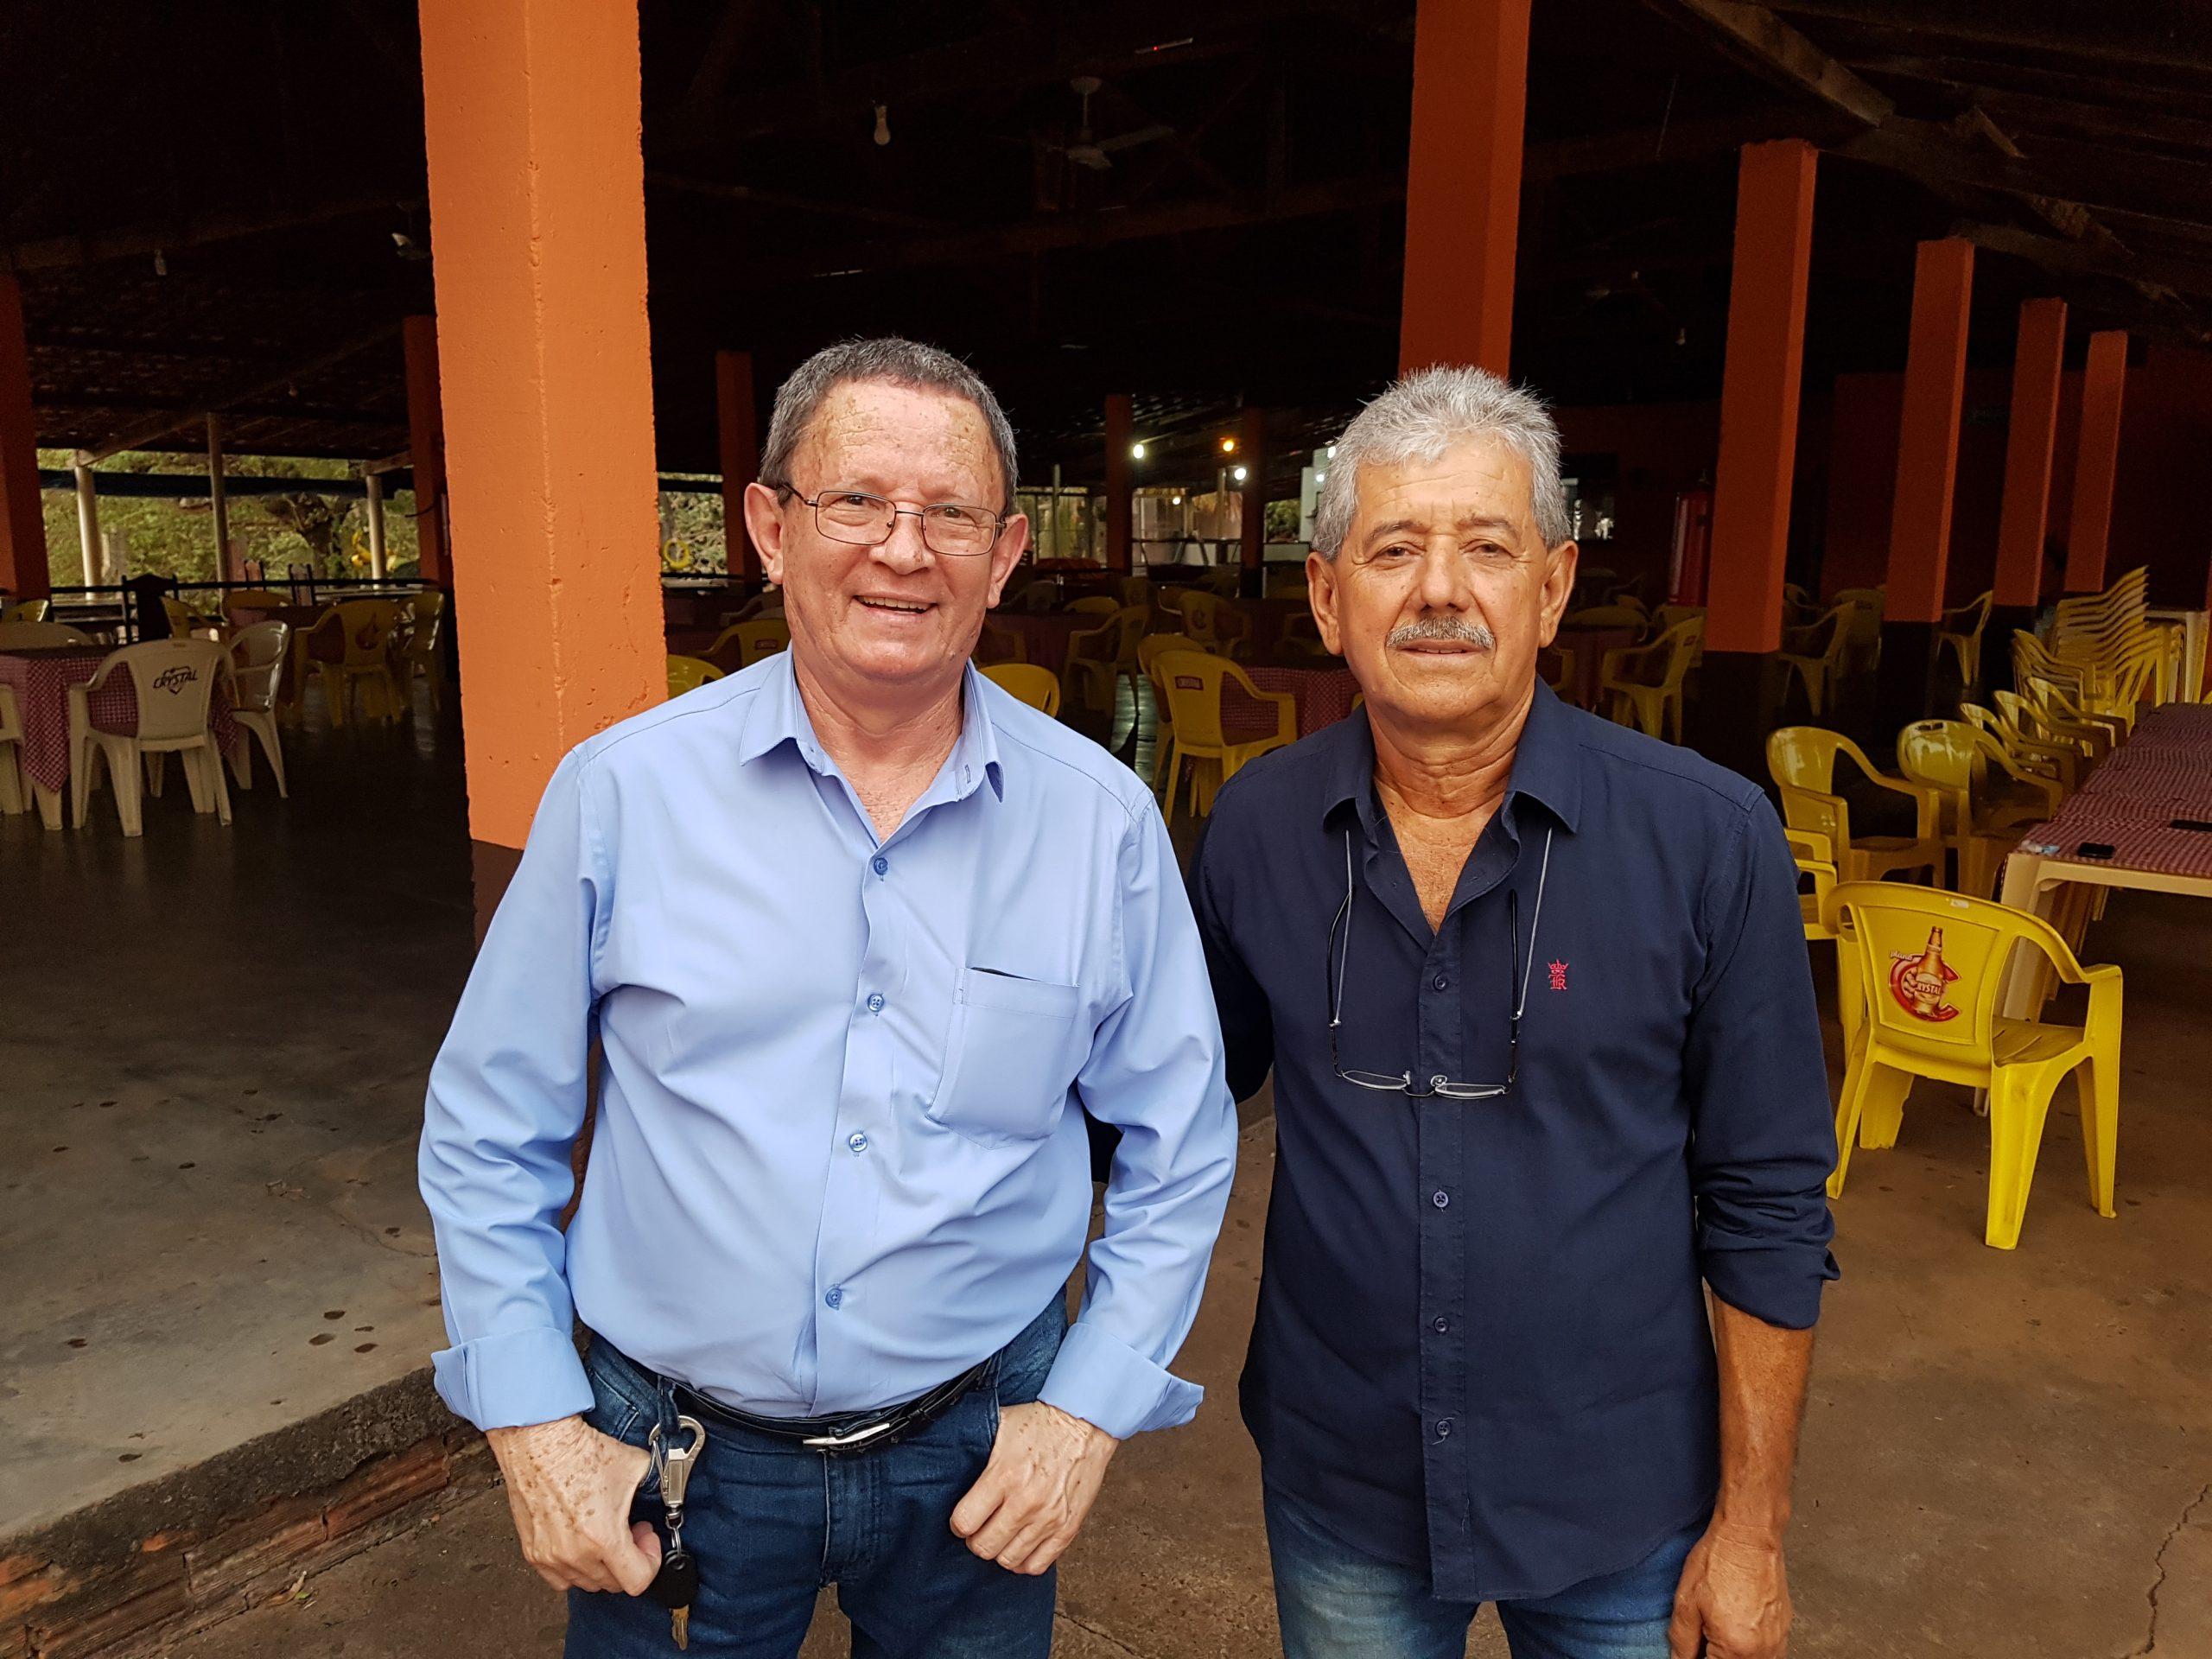 Especial candidatos a prefeito: 'Nós não temos a velha política nos rodeando', afirma David Boaventura